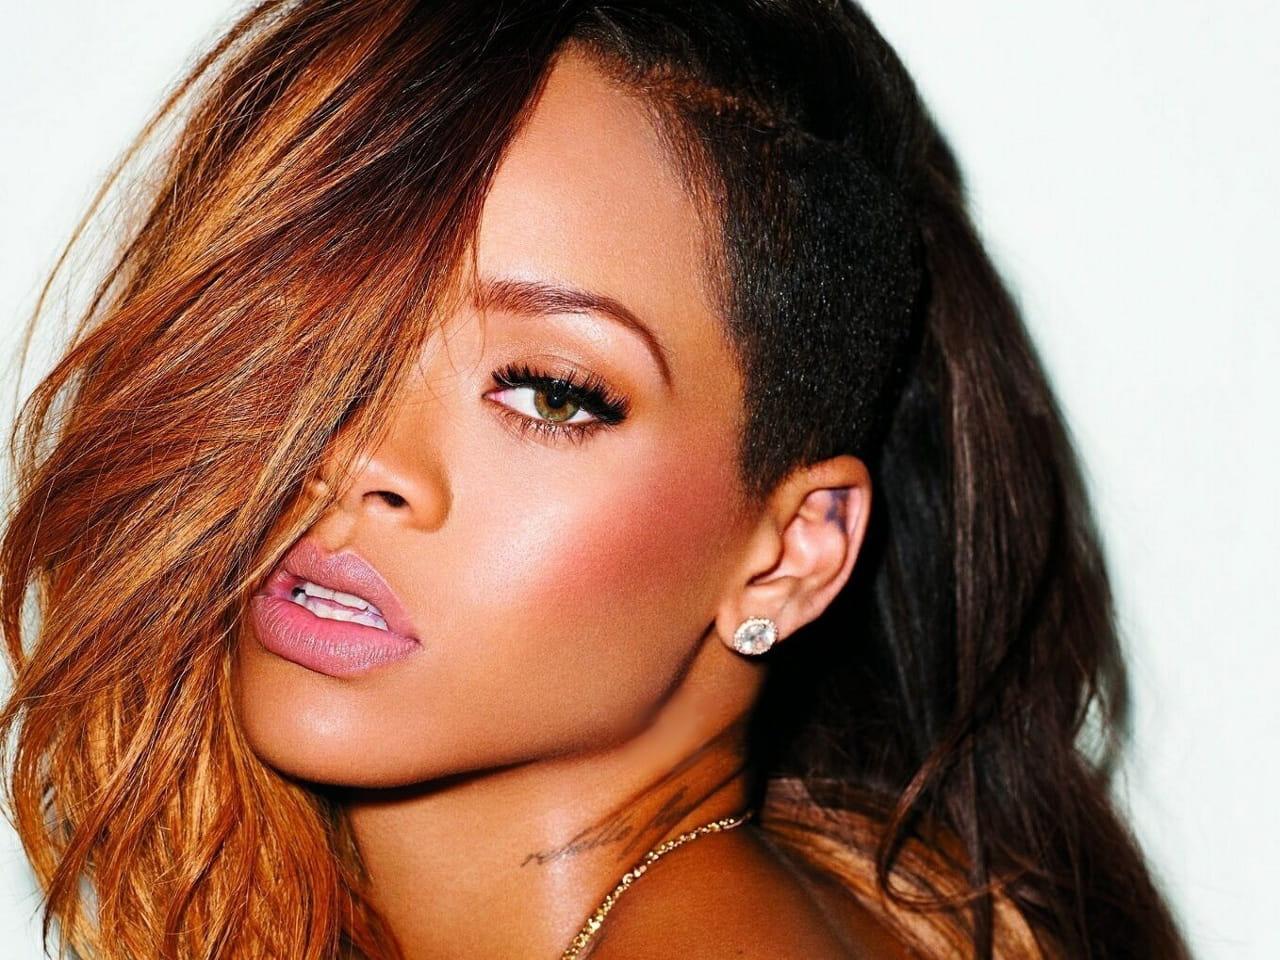 Rihanna est devenue rousse sa nouvelle coupe de cheveux for Coupe cheveux rihanna